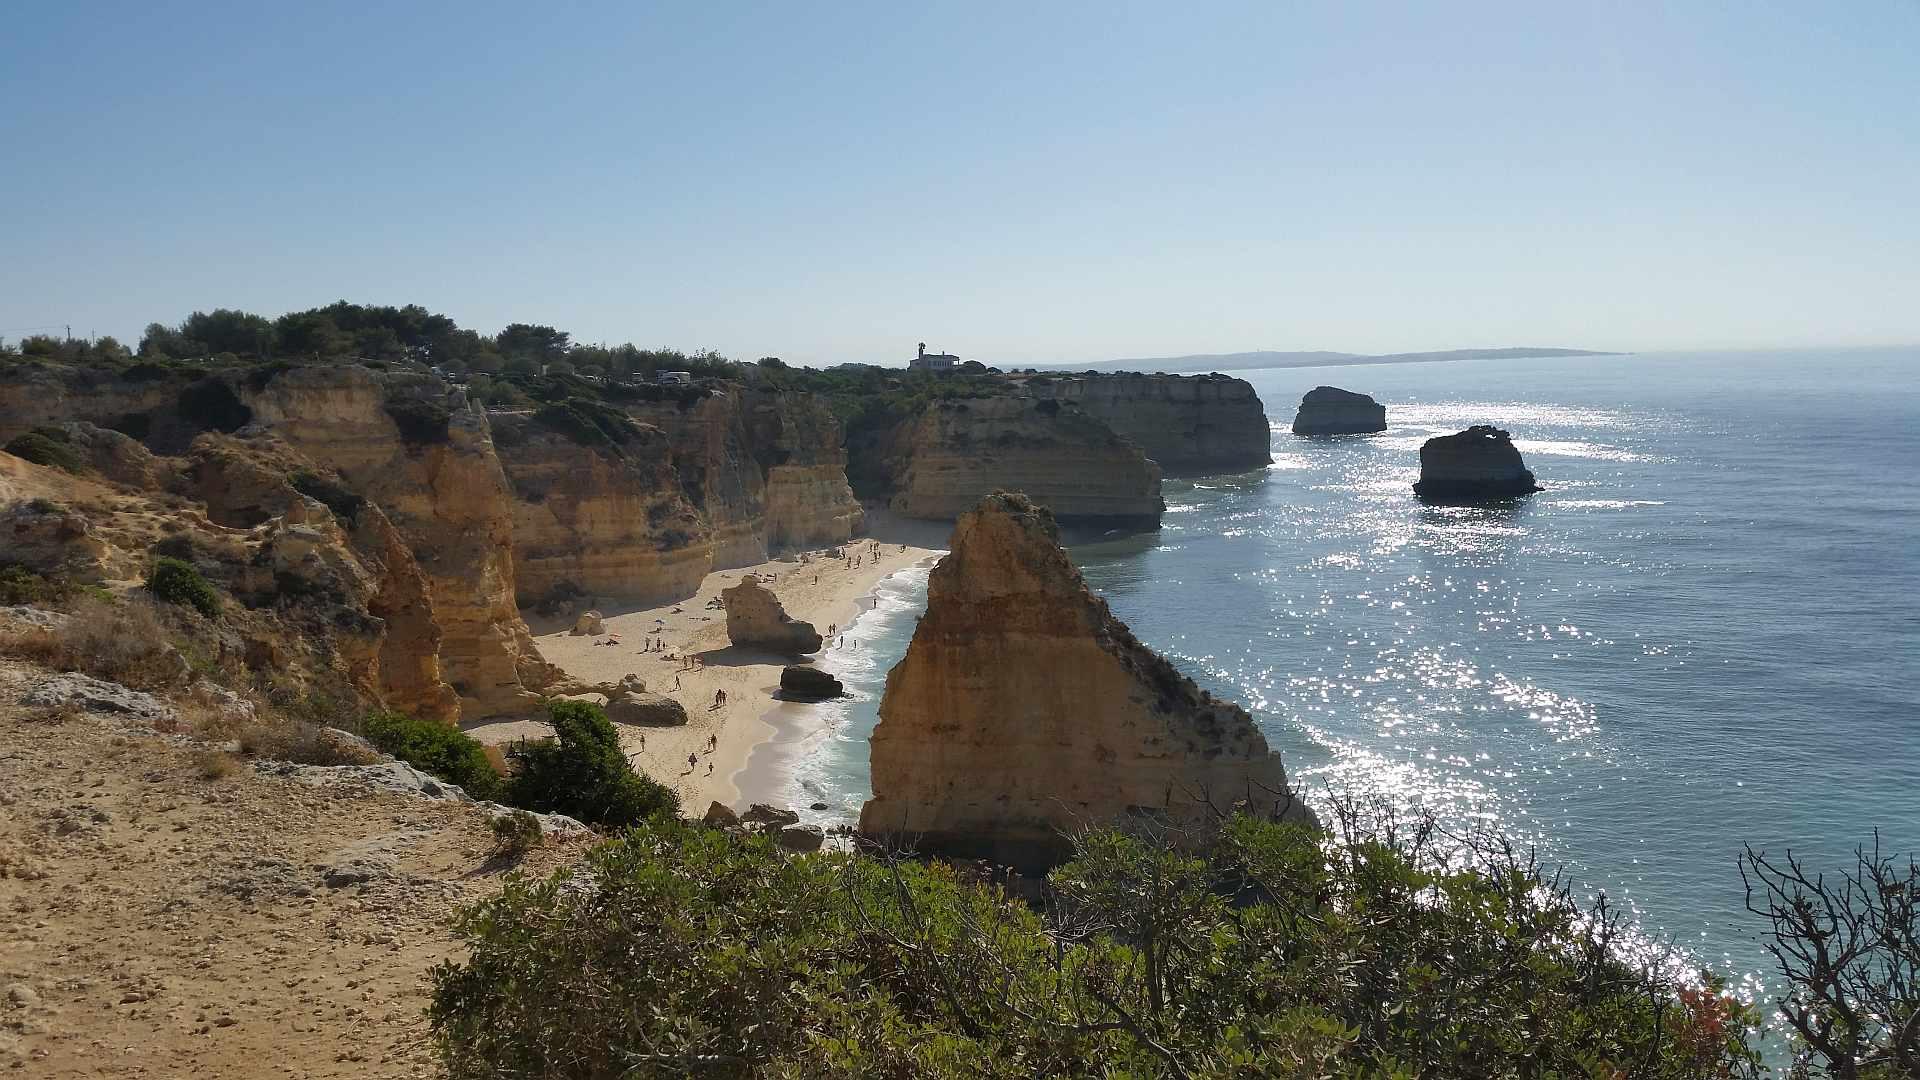 Lagao - Algarve -Praia de Marinha - morning overview